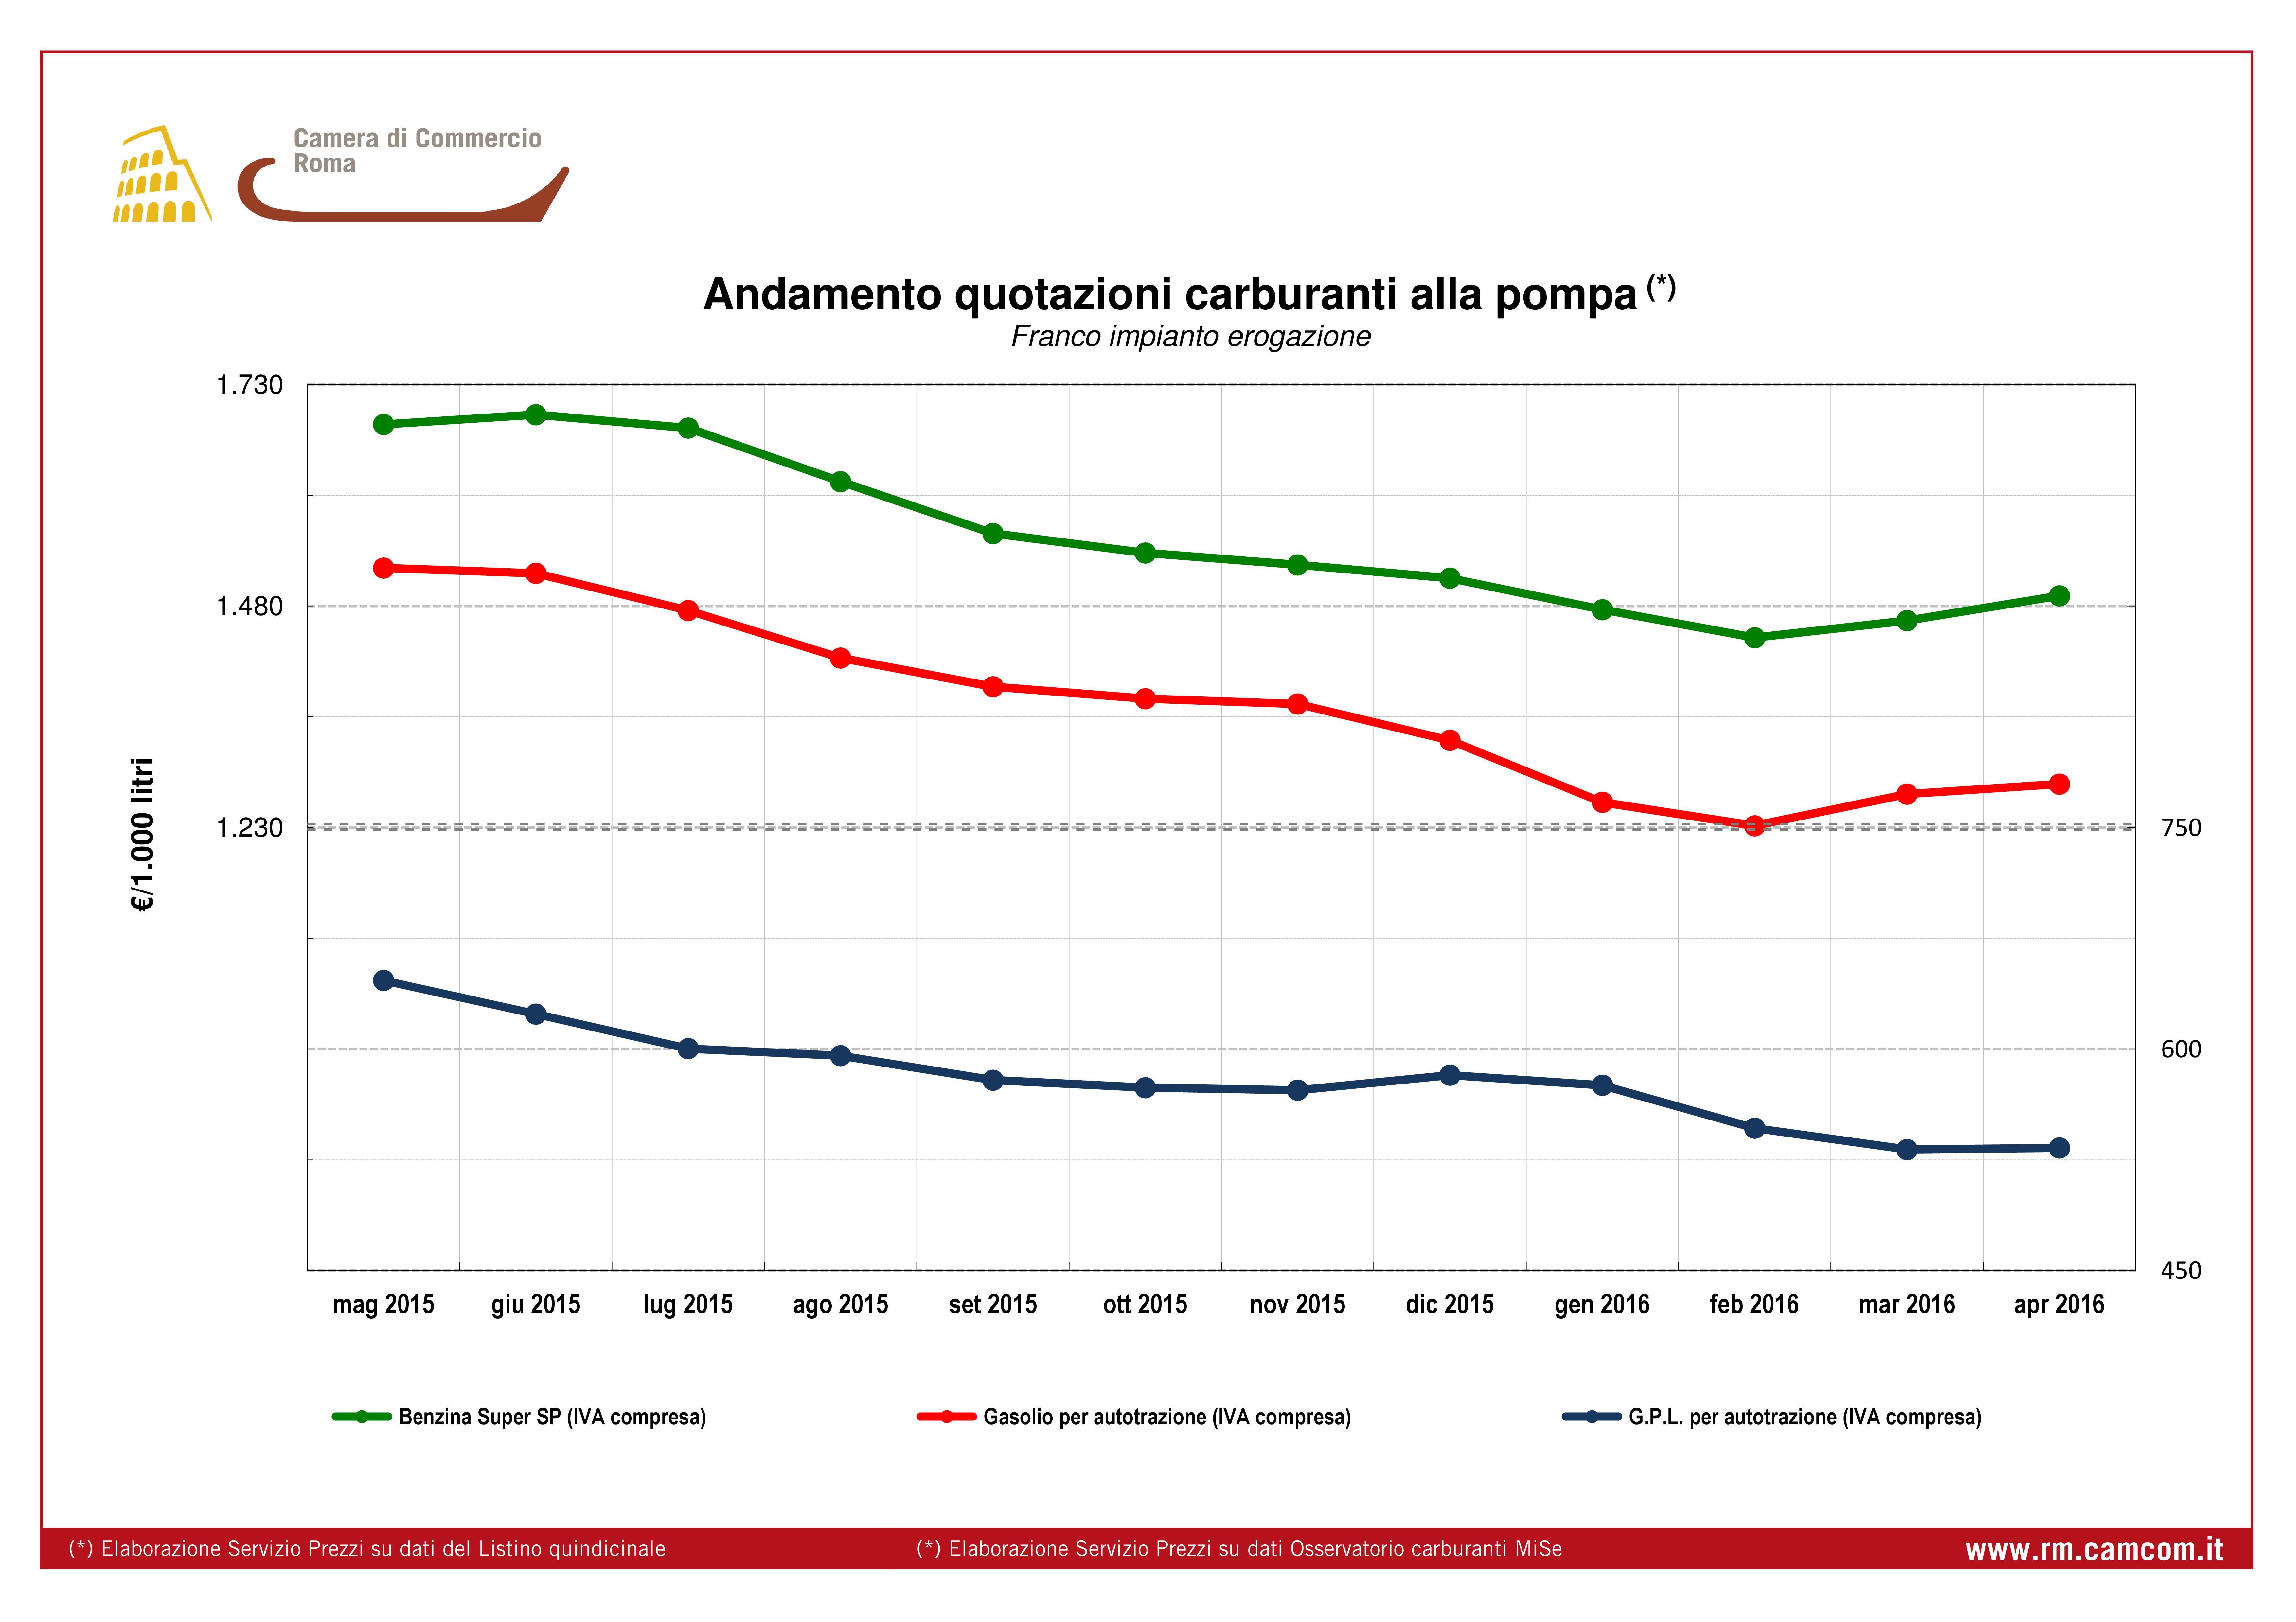 Quotazione andamento mensile prezzi carburanti alla pompa da dicembre 2012 a novembre 2013